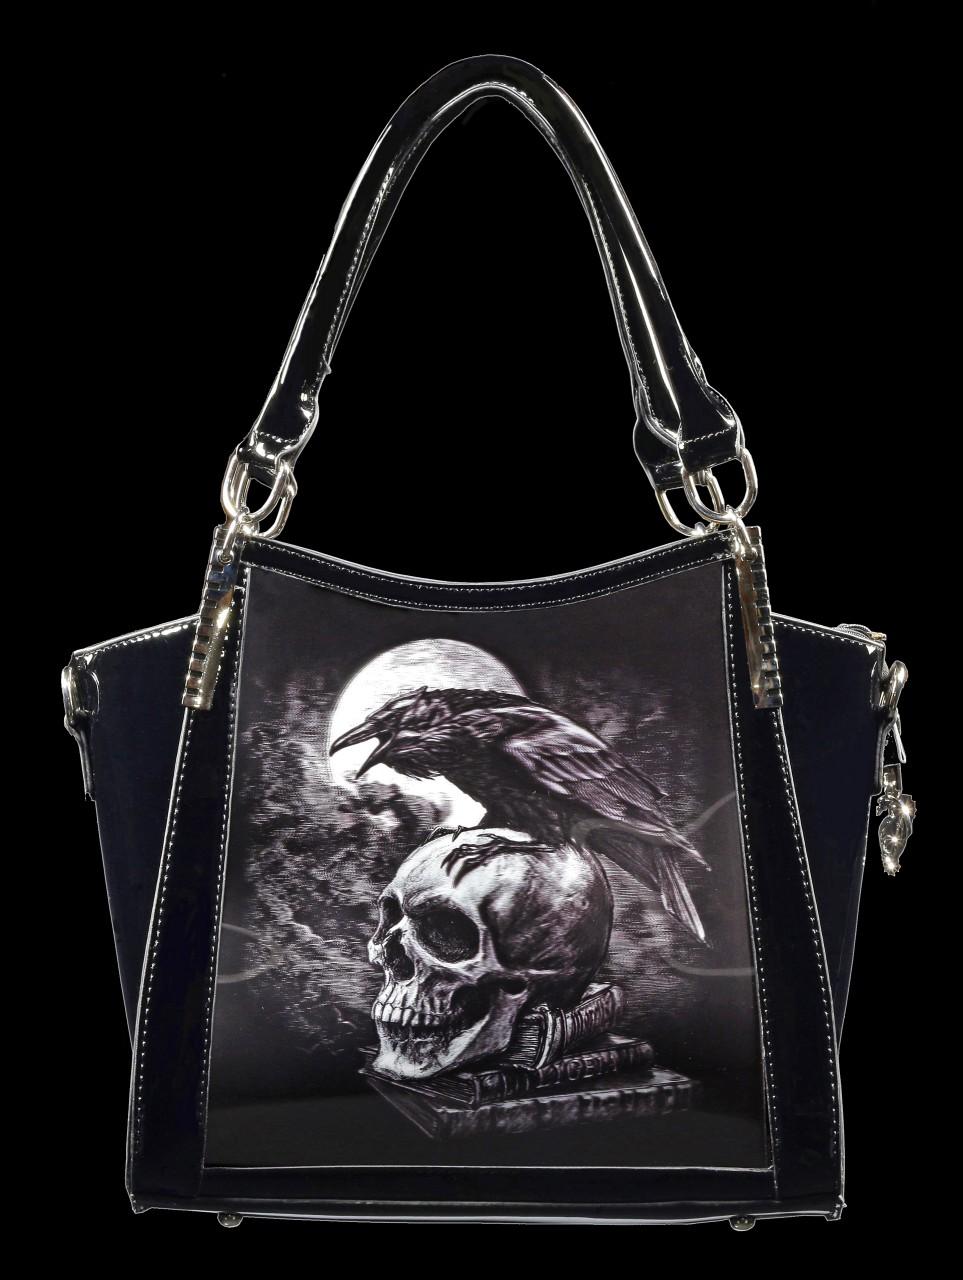 Lack Handtasche mit 3D Motiv - Poes Raven